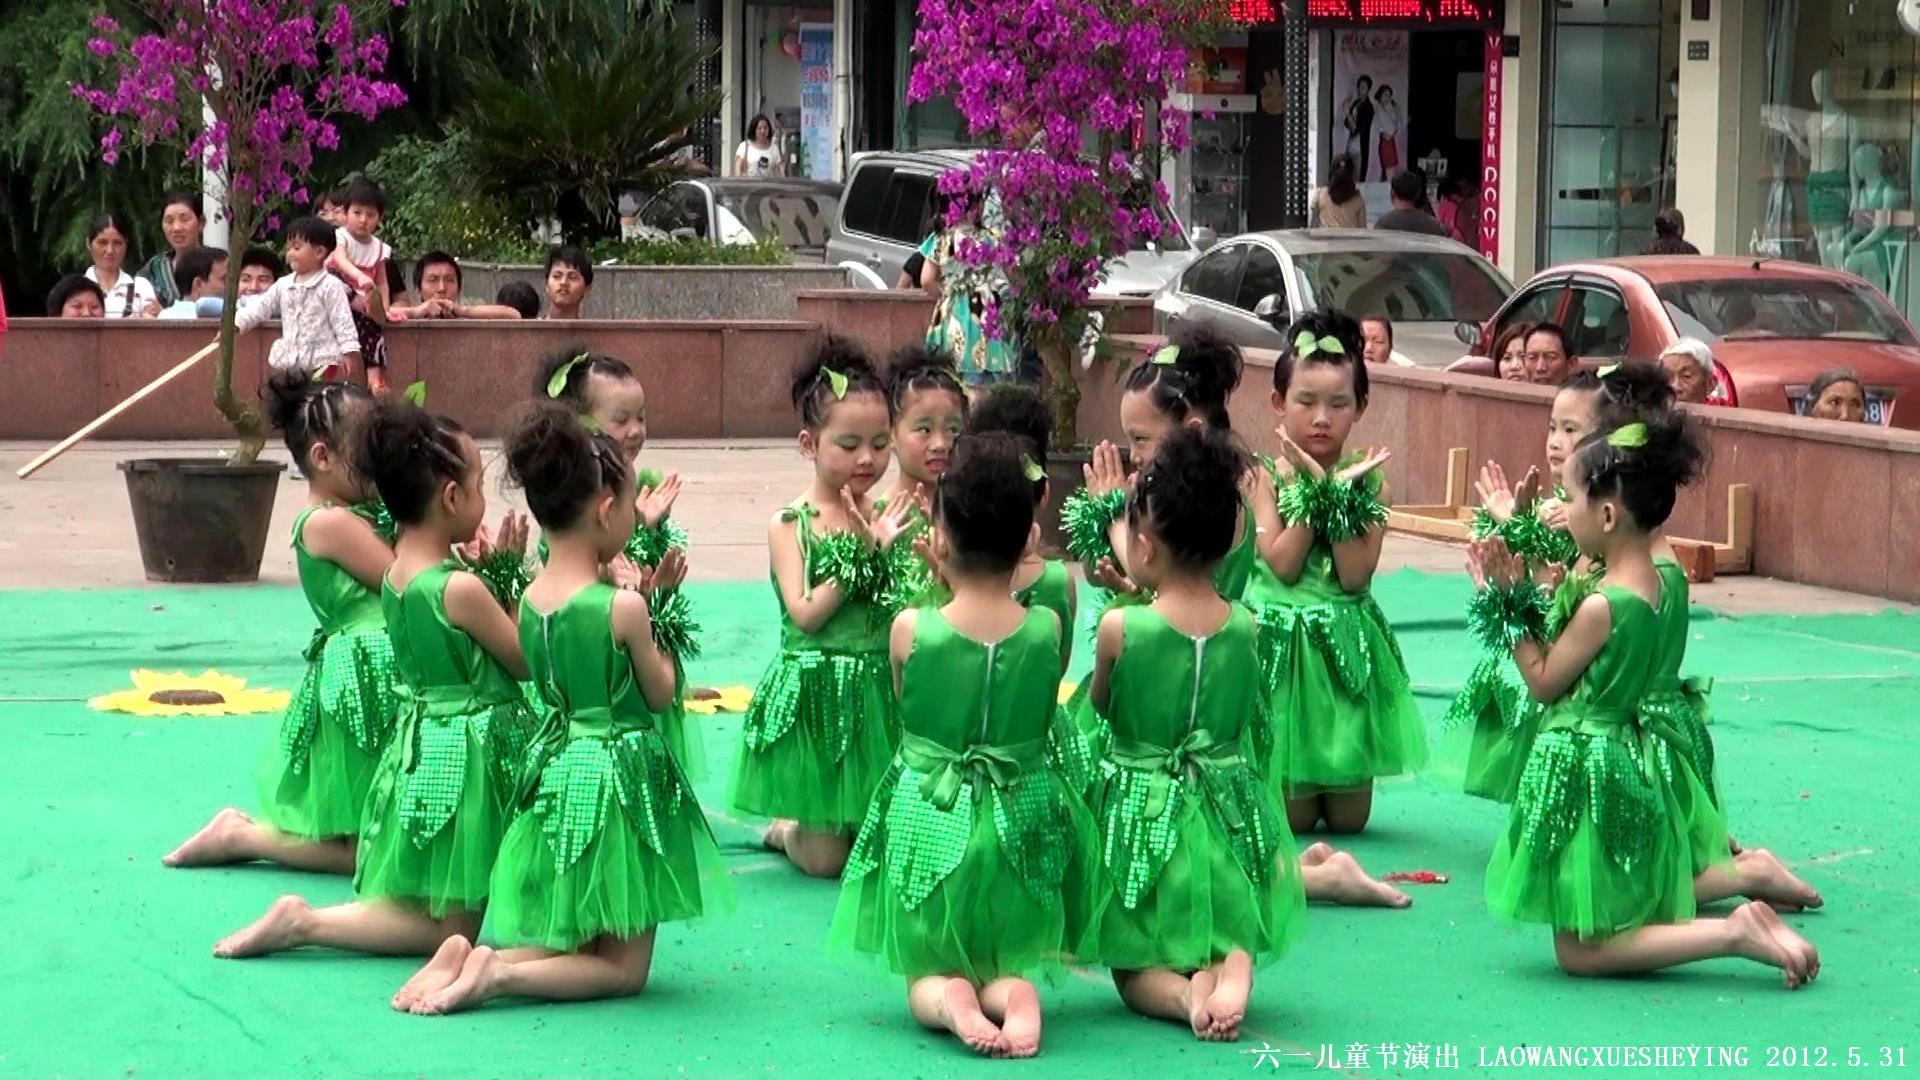 山区孩童扮童话人物体验湄江泡泡屋过六一 图片合集